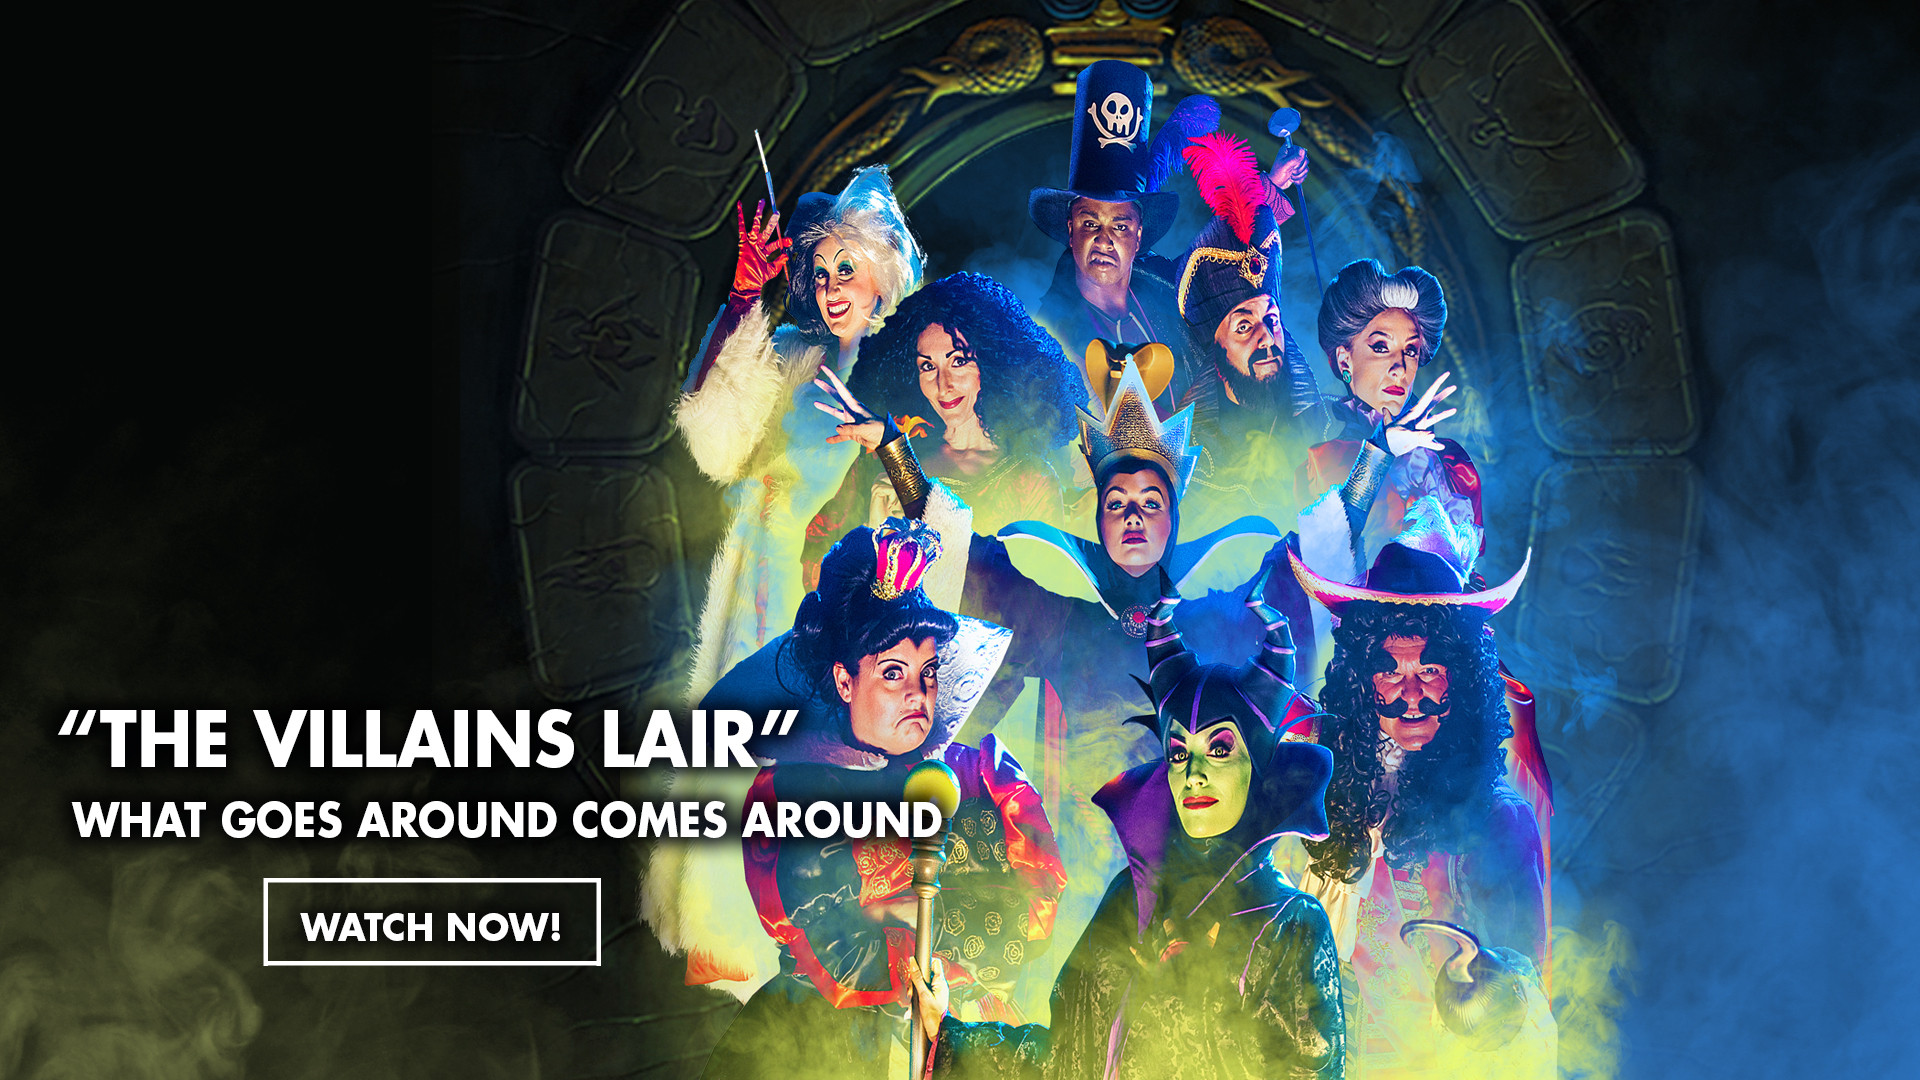 villains kair site thumb.jpg